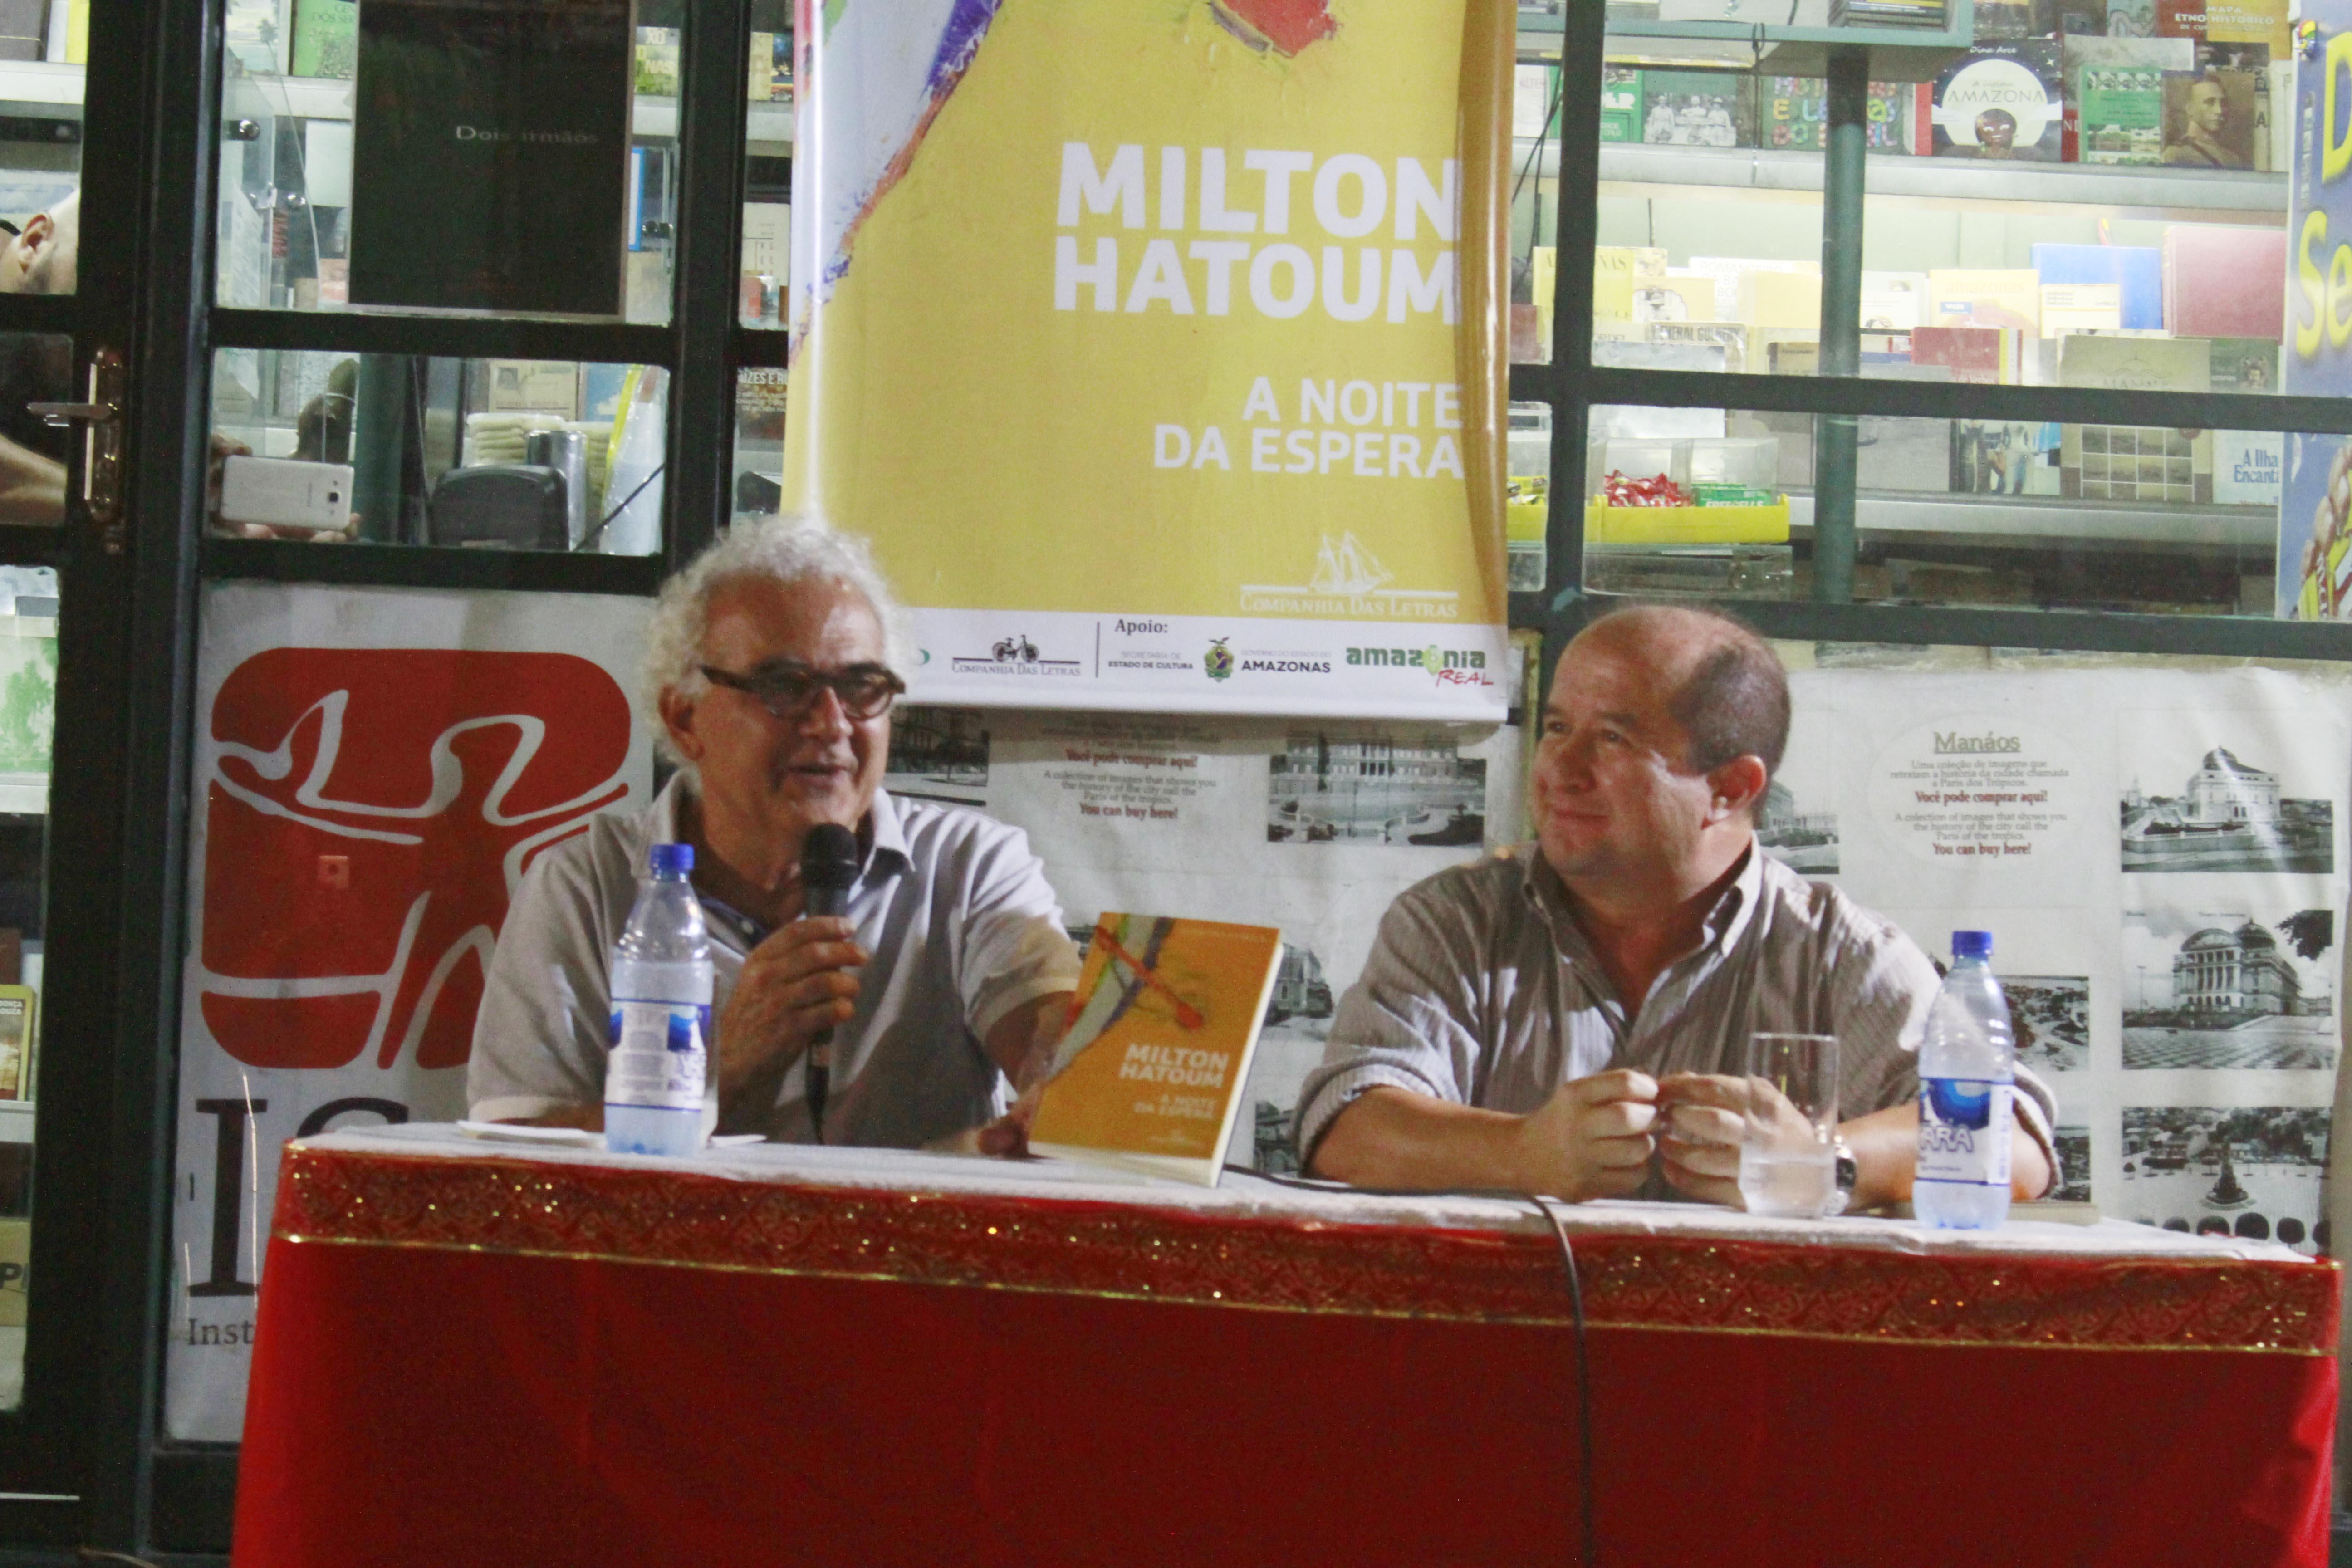 O novo livro de Milton Hatoum evoca memórias da juventude no período ditatorial